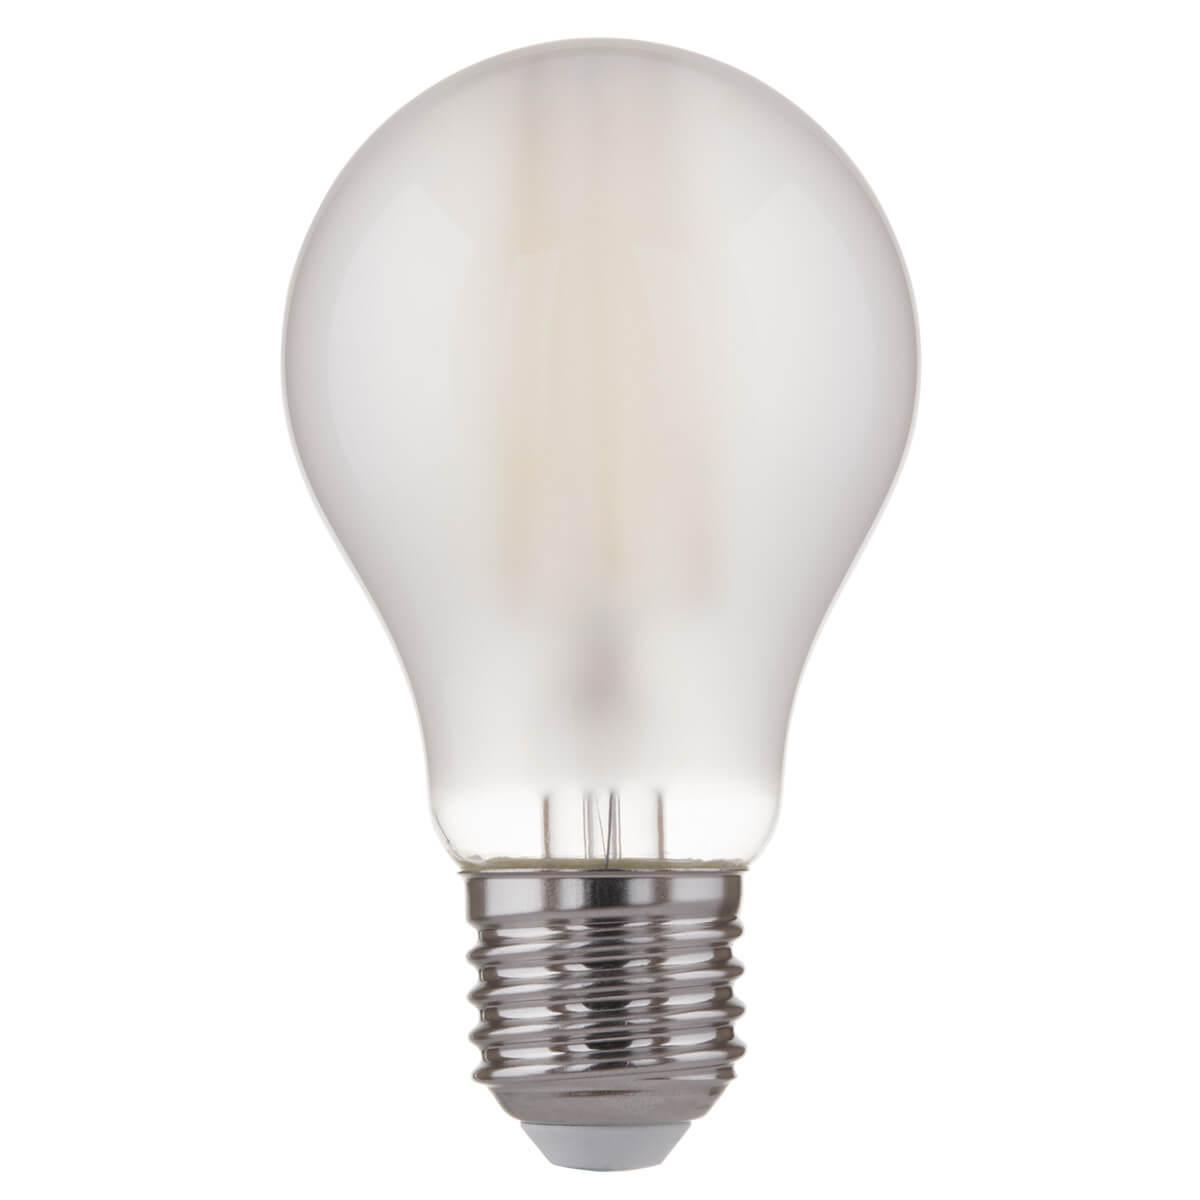 Лампа светодиодная филаментная LED E27 12W 4200K матовая 4690389108358 elektrostandart classic classic led d 10w 4200k e27